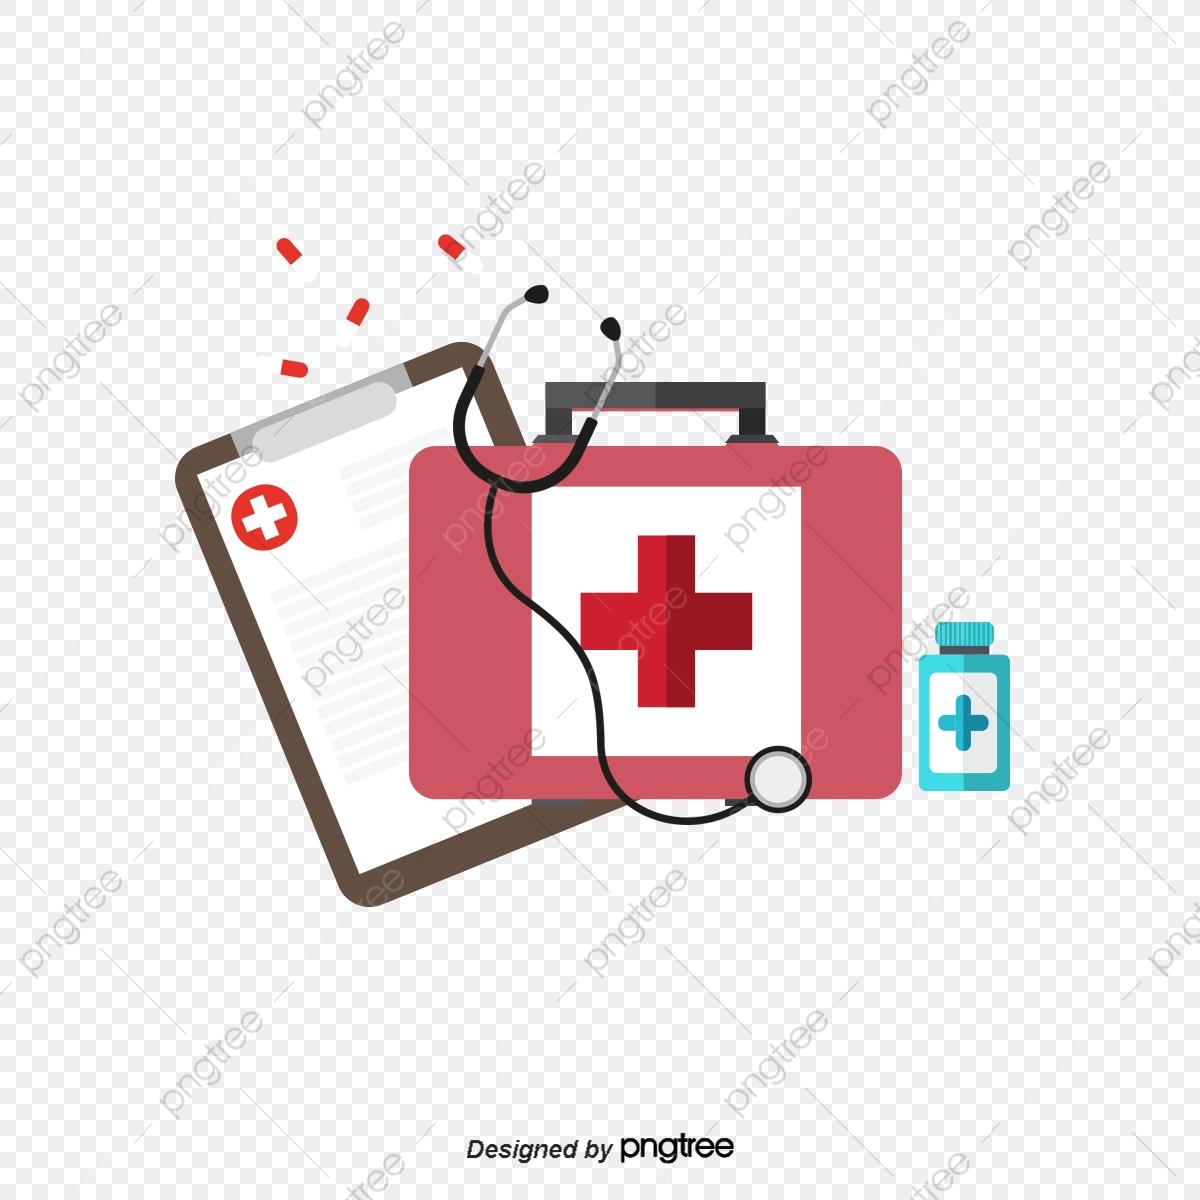 Medicine clipart medical icon. Three dimensional design box